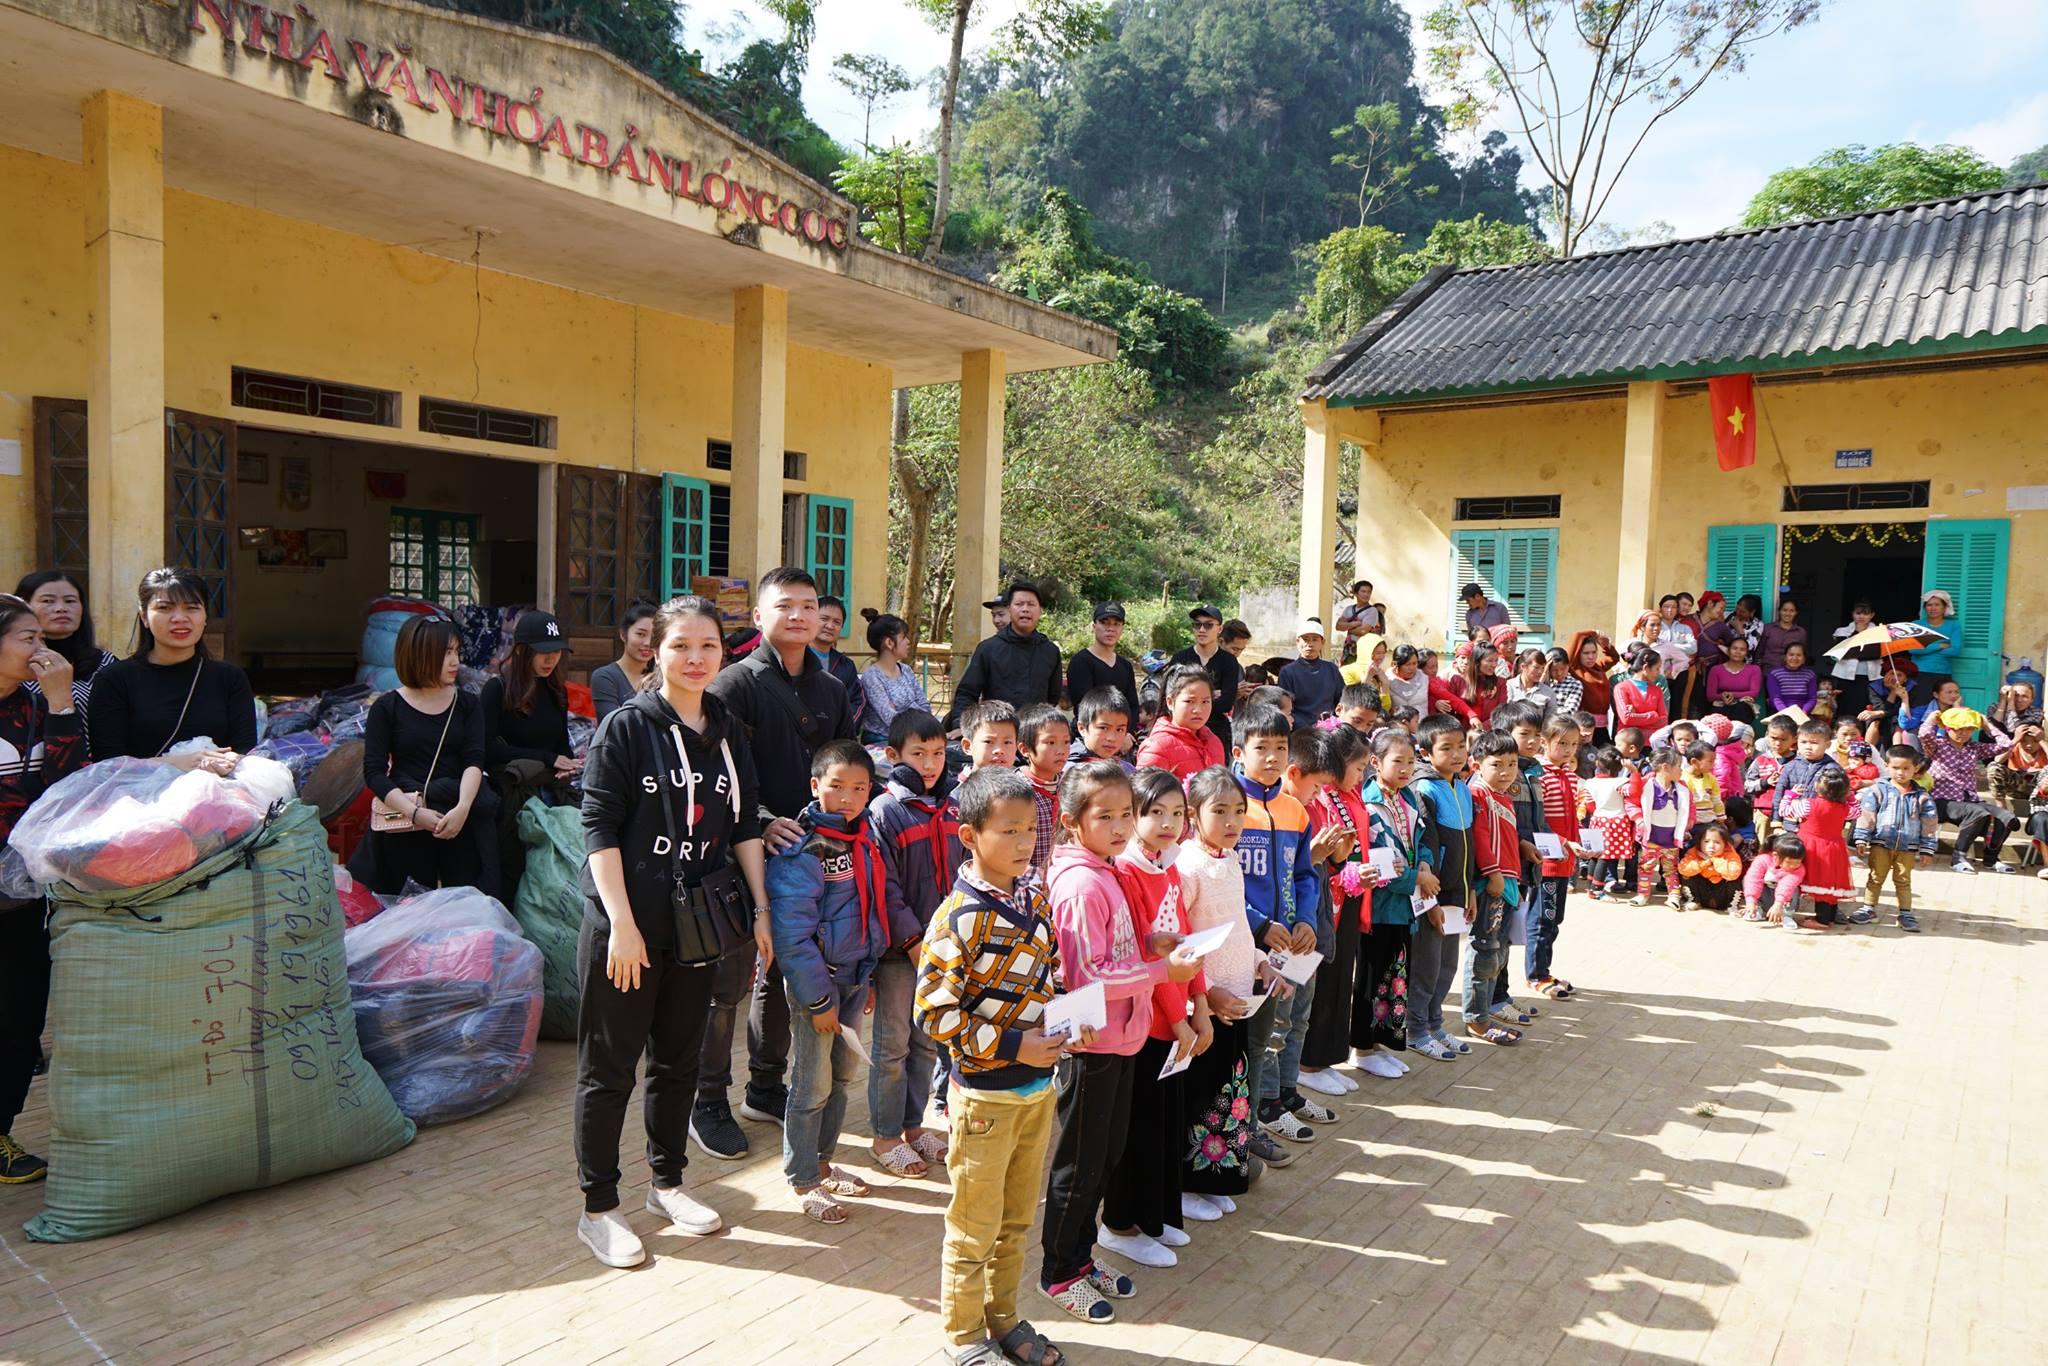 Nghĩa cử cao đẹp của nhóm du học sinh Úc quyên góp từ thiện giúp trẻ em vùng cao Vietnam 3 - Nghĩa cử cao đẹp của nhóm du học sinh Úc quyên góp từ thiện giúp trẻ em vùng cao Vietnam